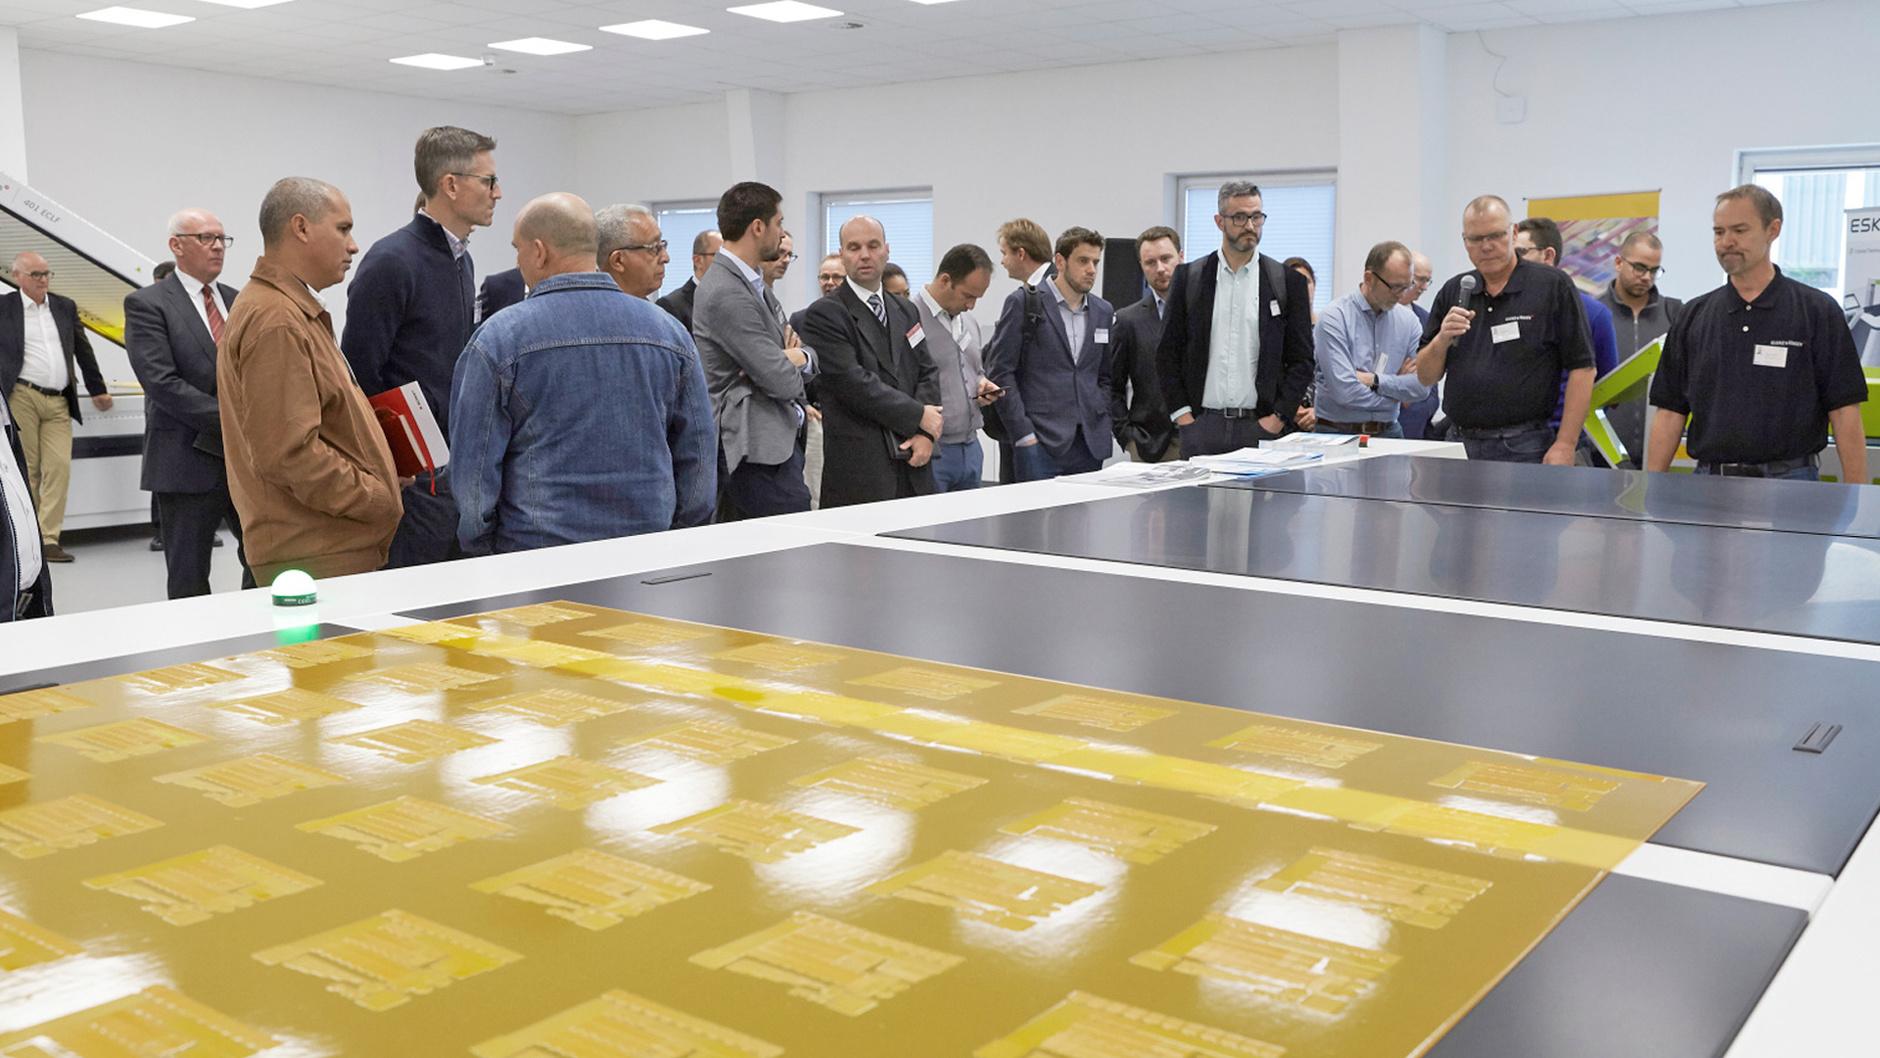 BOBST и партнёры представят комплексный процесс флексографской печати